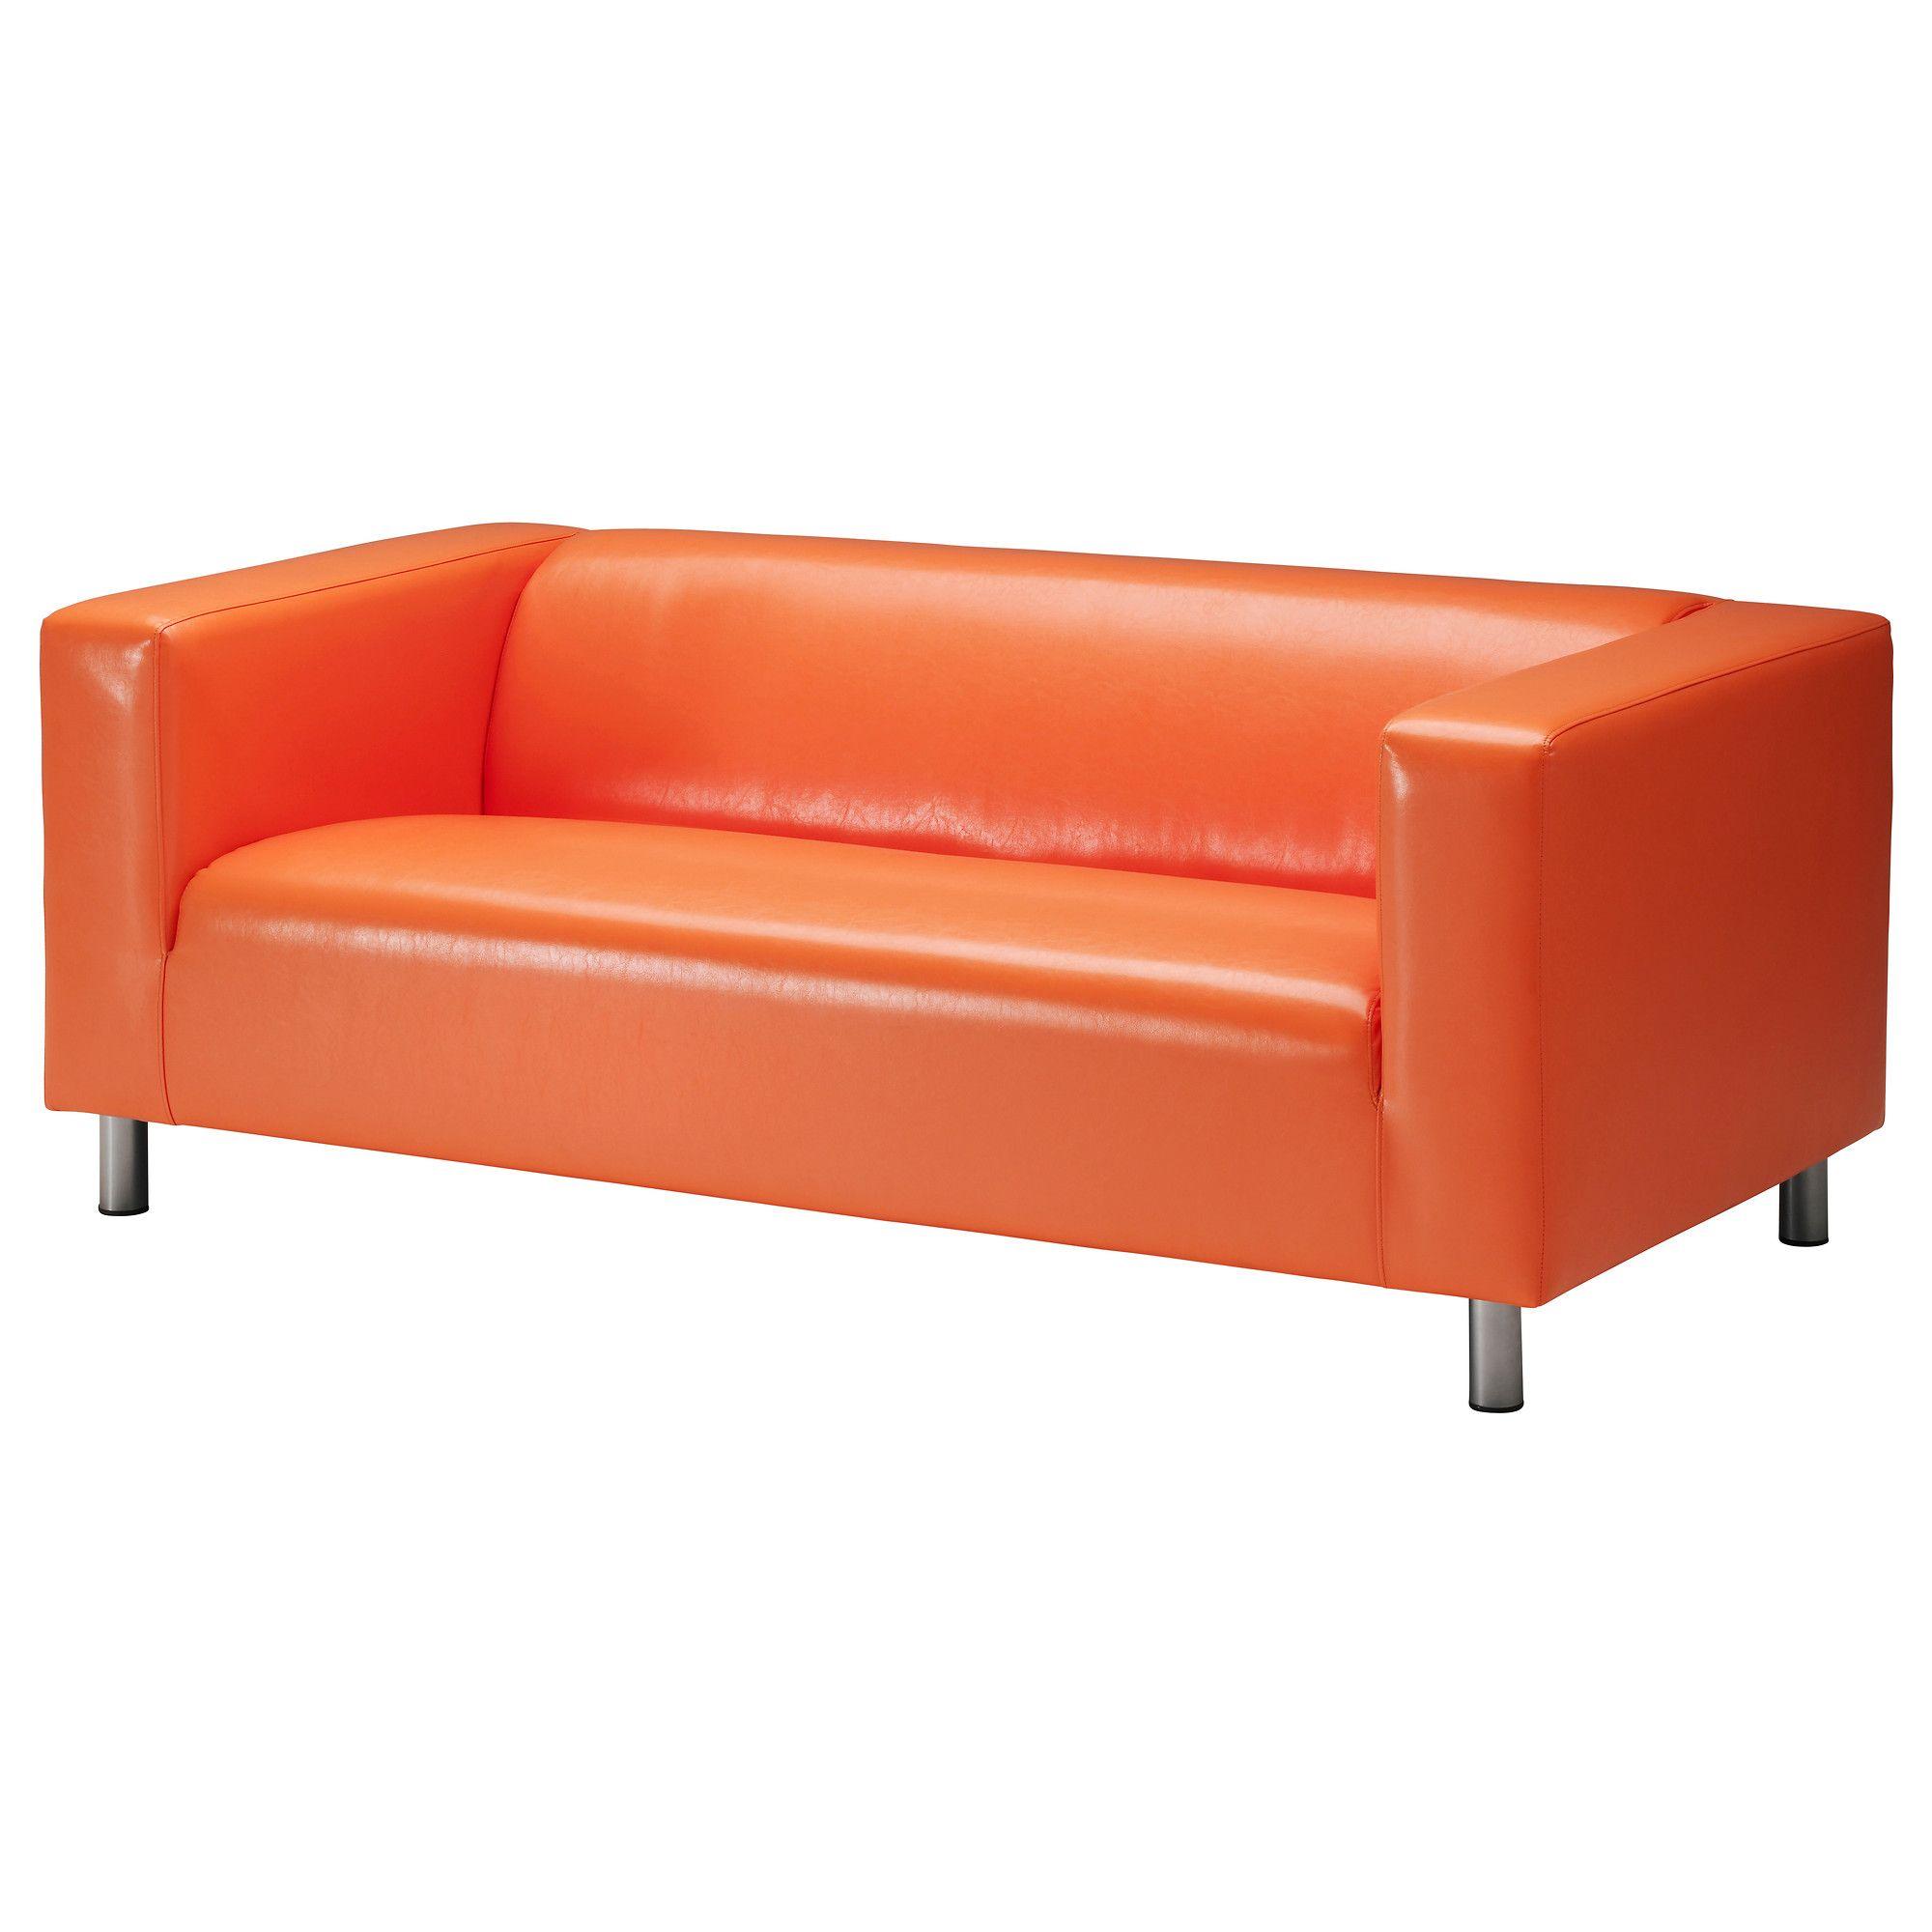 Products Orange Leather Sofas Love Seat Ikea Sofa